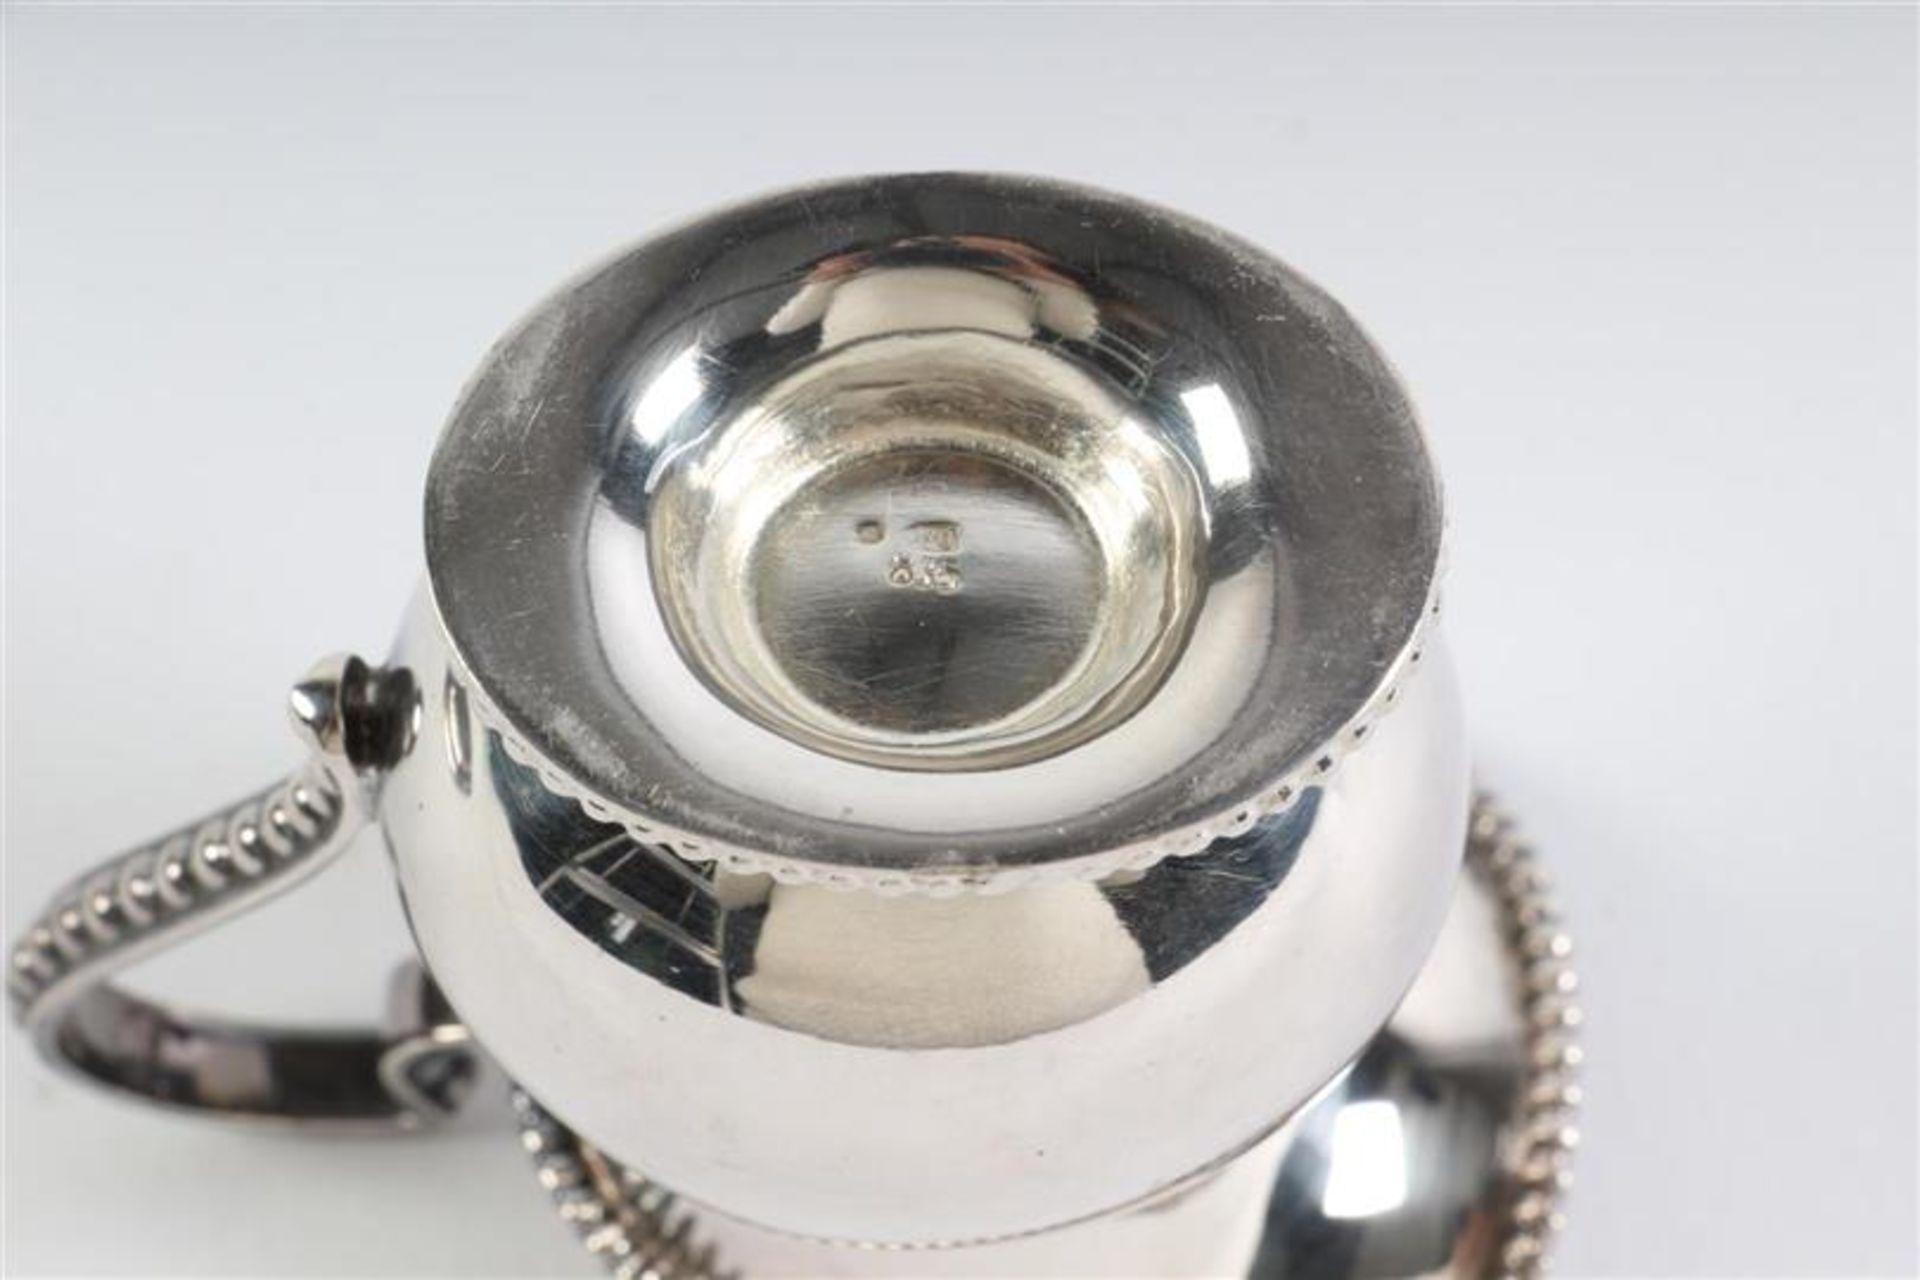 Driedelig zilveren roomsetje met parelrand. L: 18.5 cm. Gewicht: 293 g. - Bild 3 aus 5